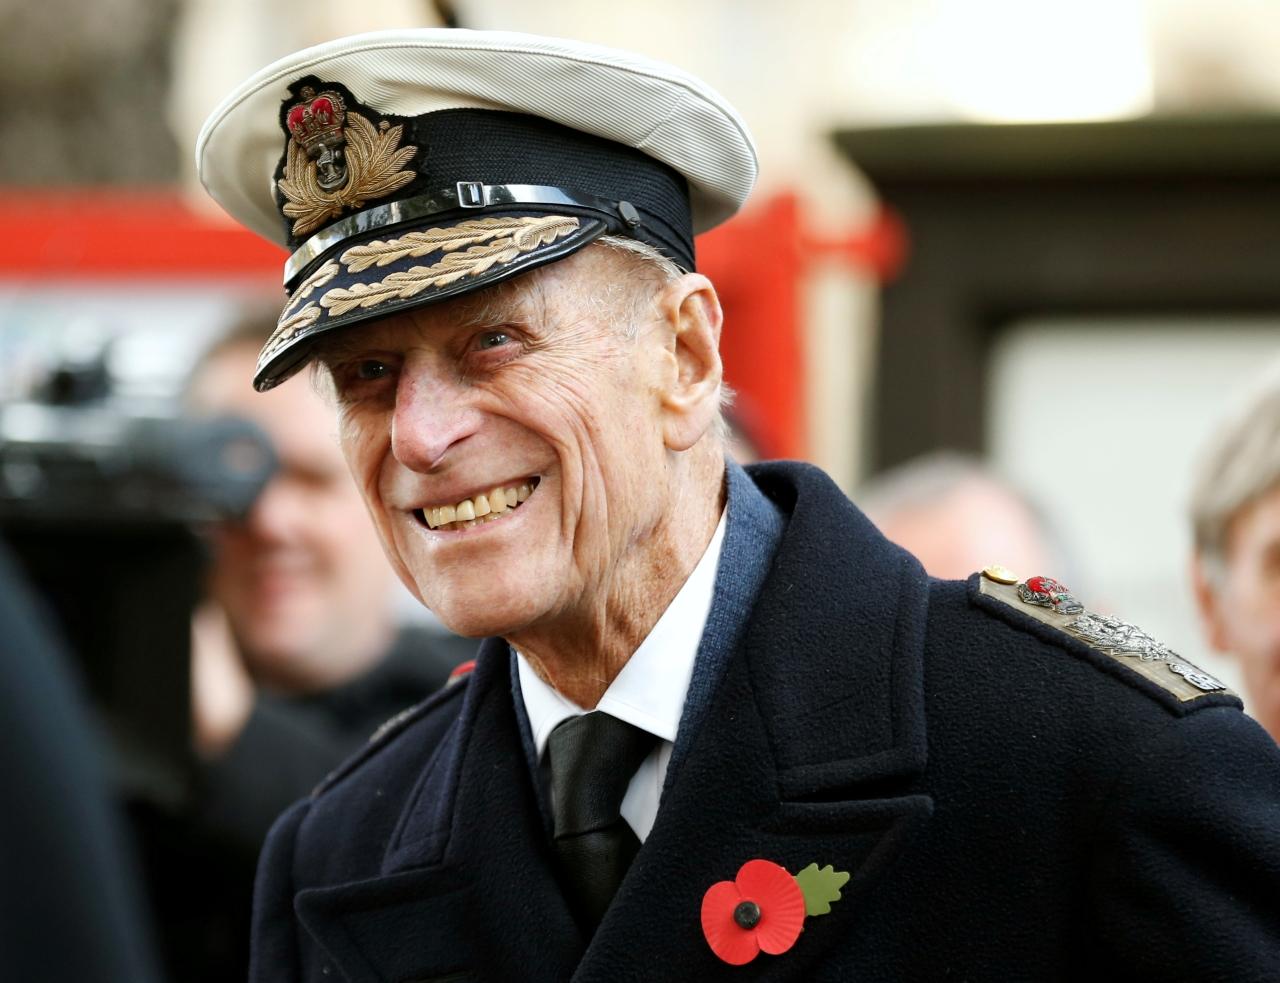 Mandatarios expresan condolencias por la muerte del príncipe Felipe